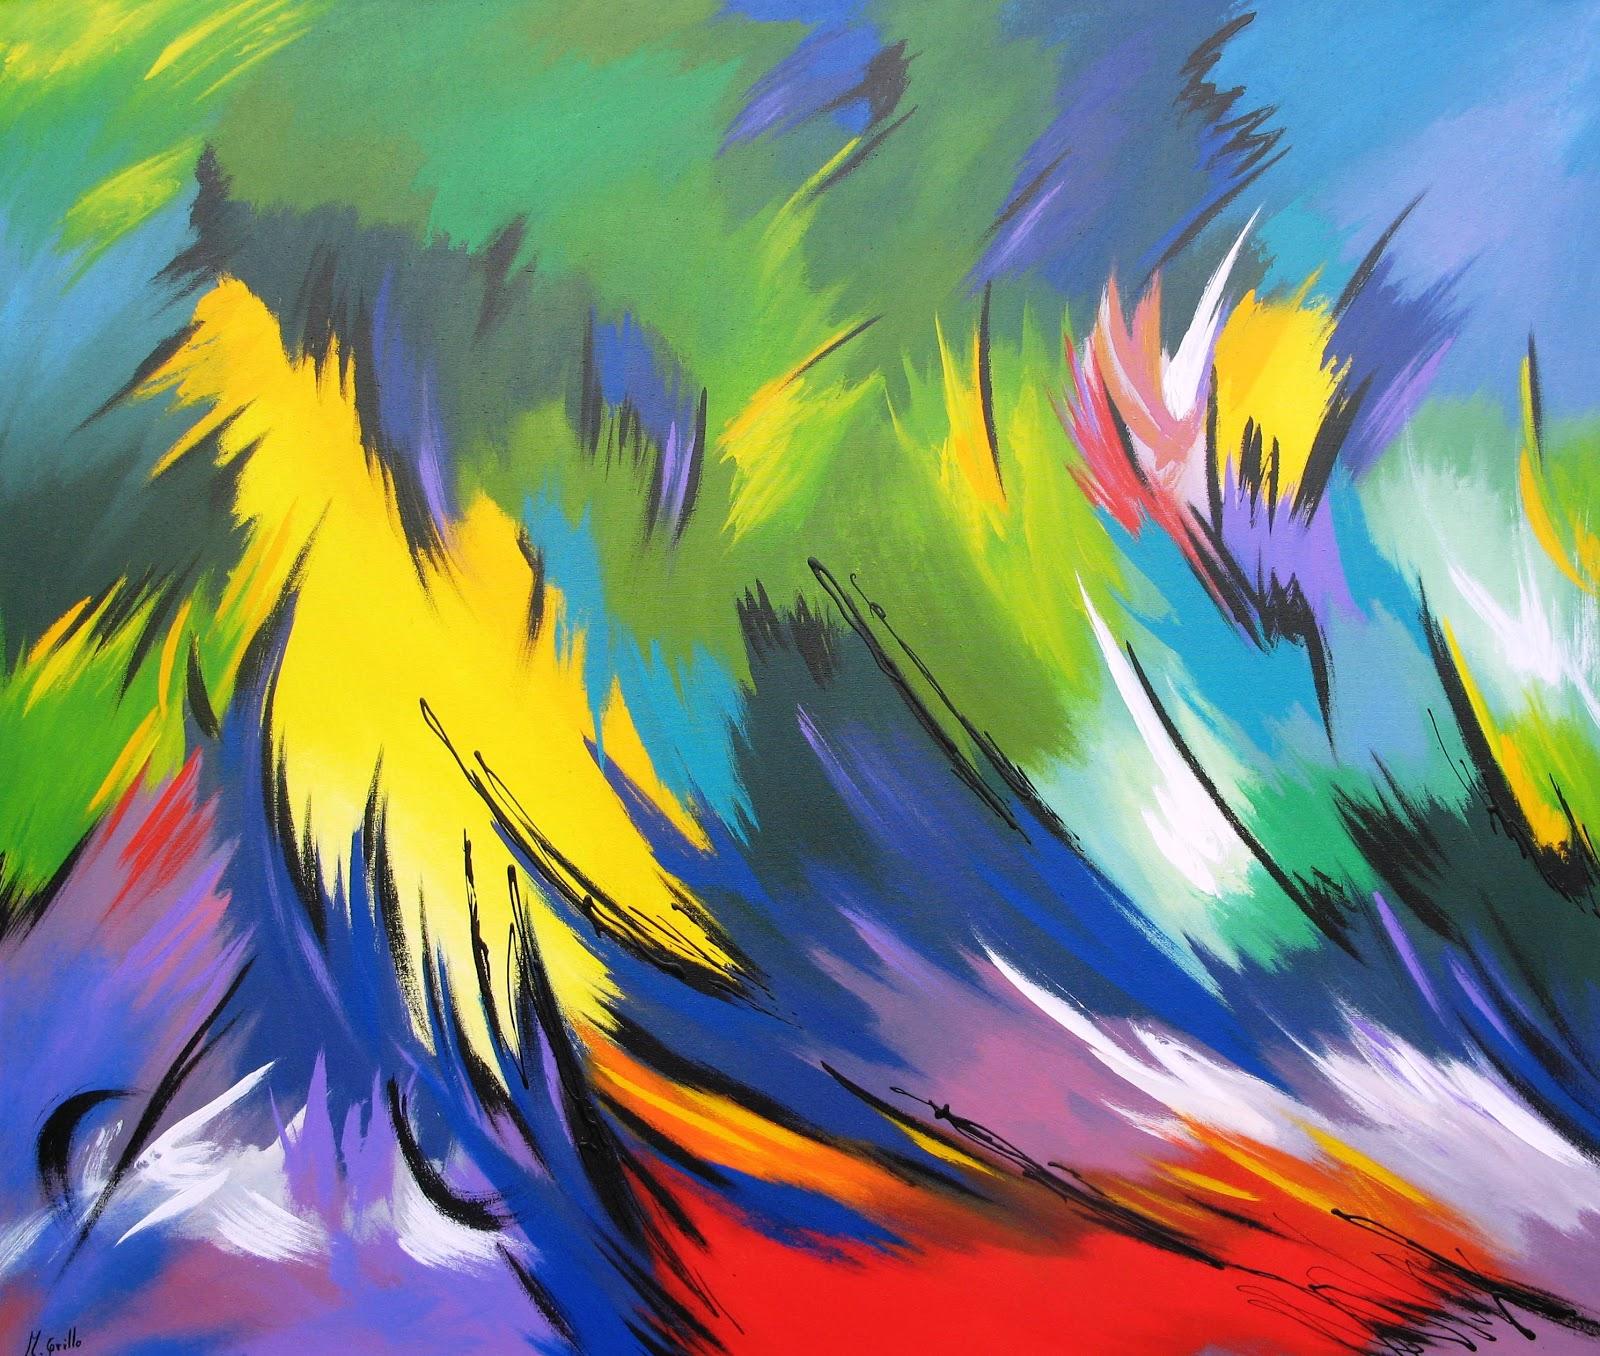 Diy Una Taiga En La Pared De La Habitacion Del Bebe likewise Imagenes De La Hello Kitty Para Colorear together with 574842339918353959 moreover Dibujos Colorear Navidad 5 together with Dibujo Con Mensajes De Amistad. on arboles para pintar